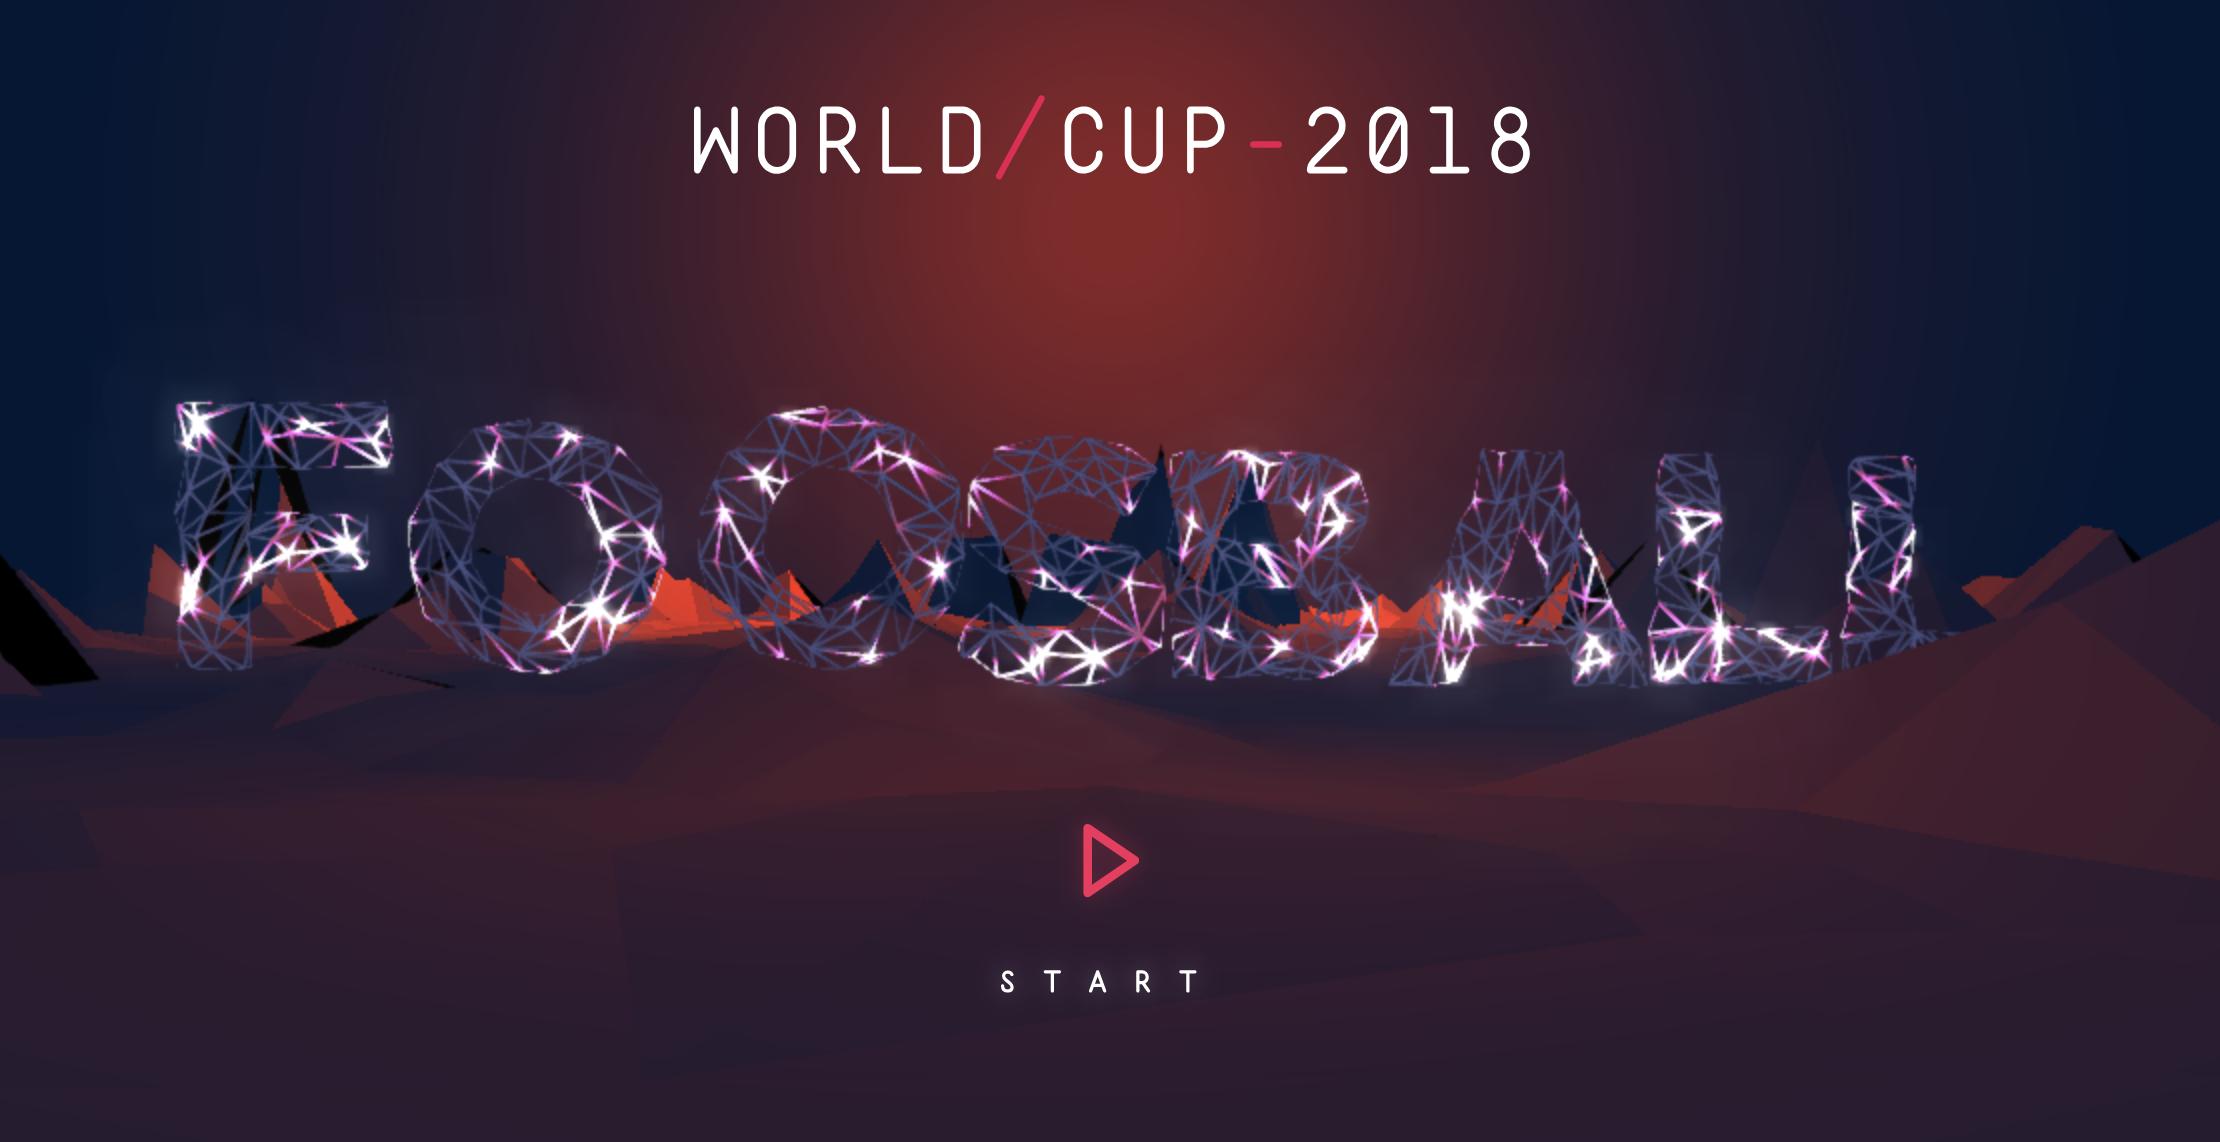 Un jeu futuriste pour refaire la Coupe du monde en baby-foot